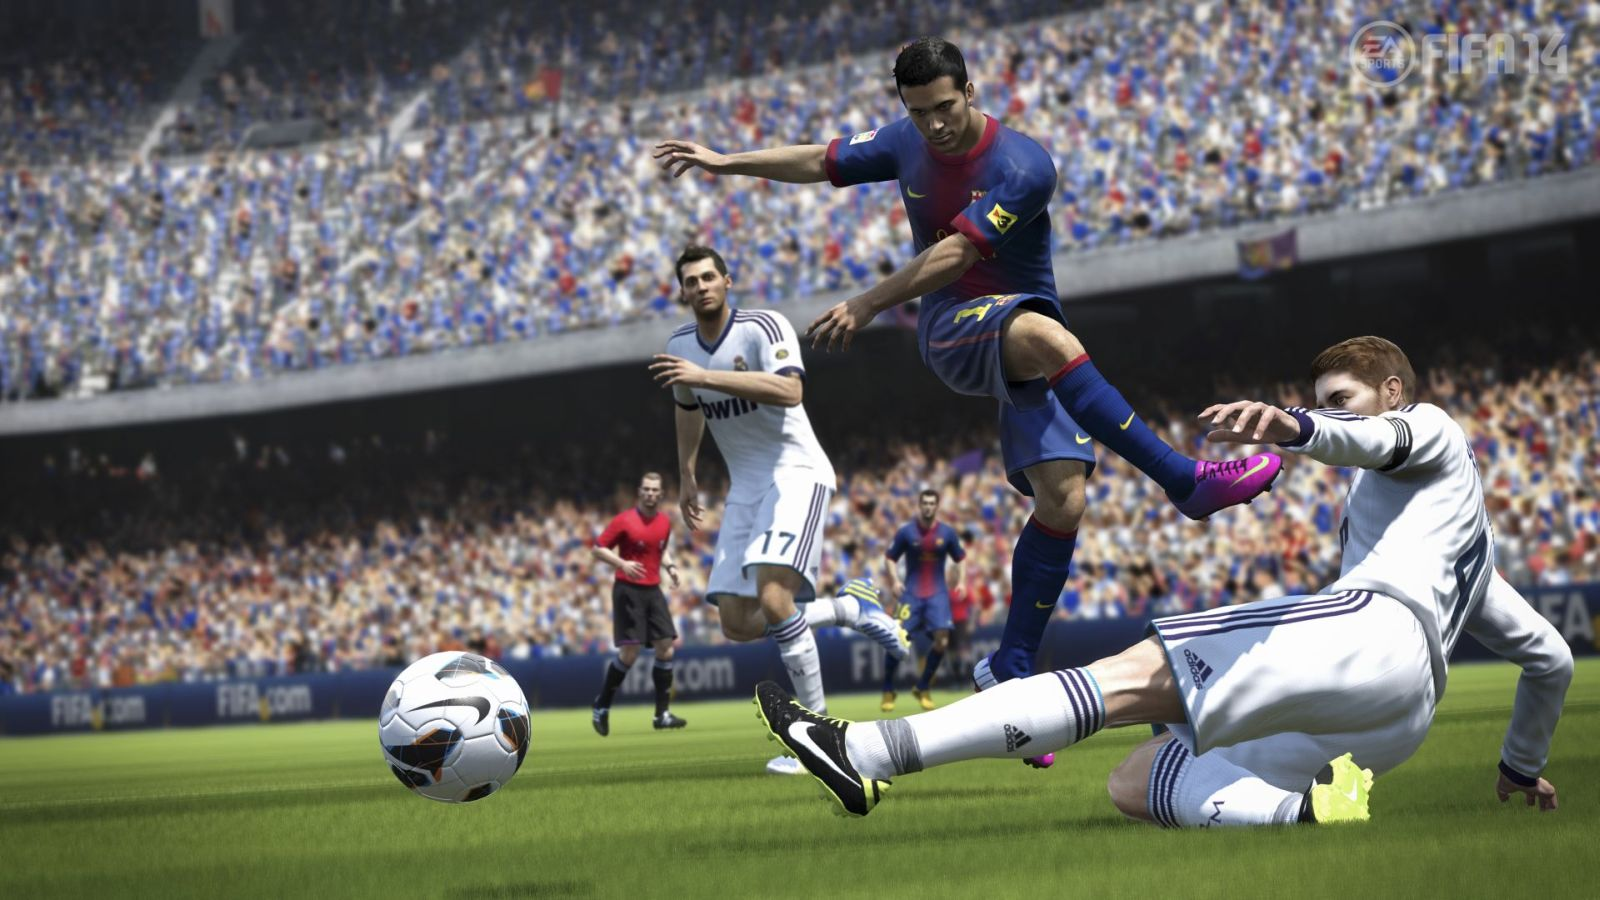 اولین تصاویر رسمی از بازی FIFA 2014